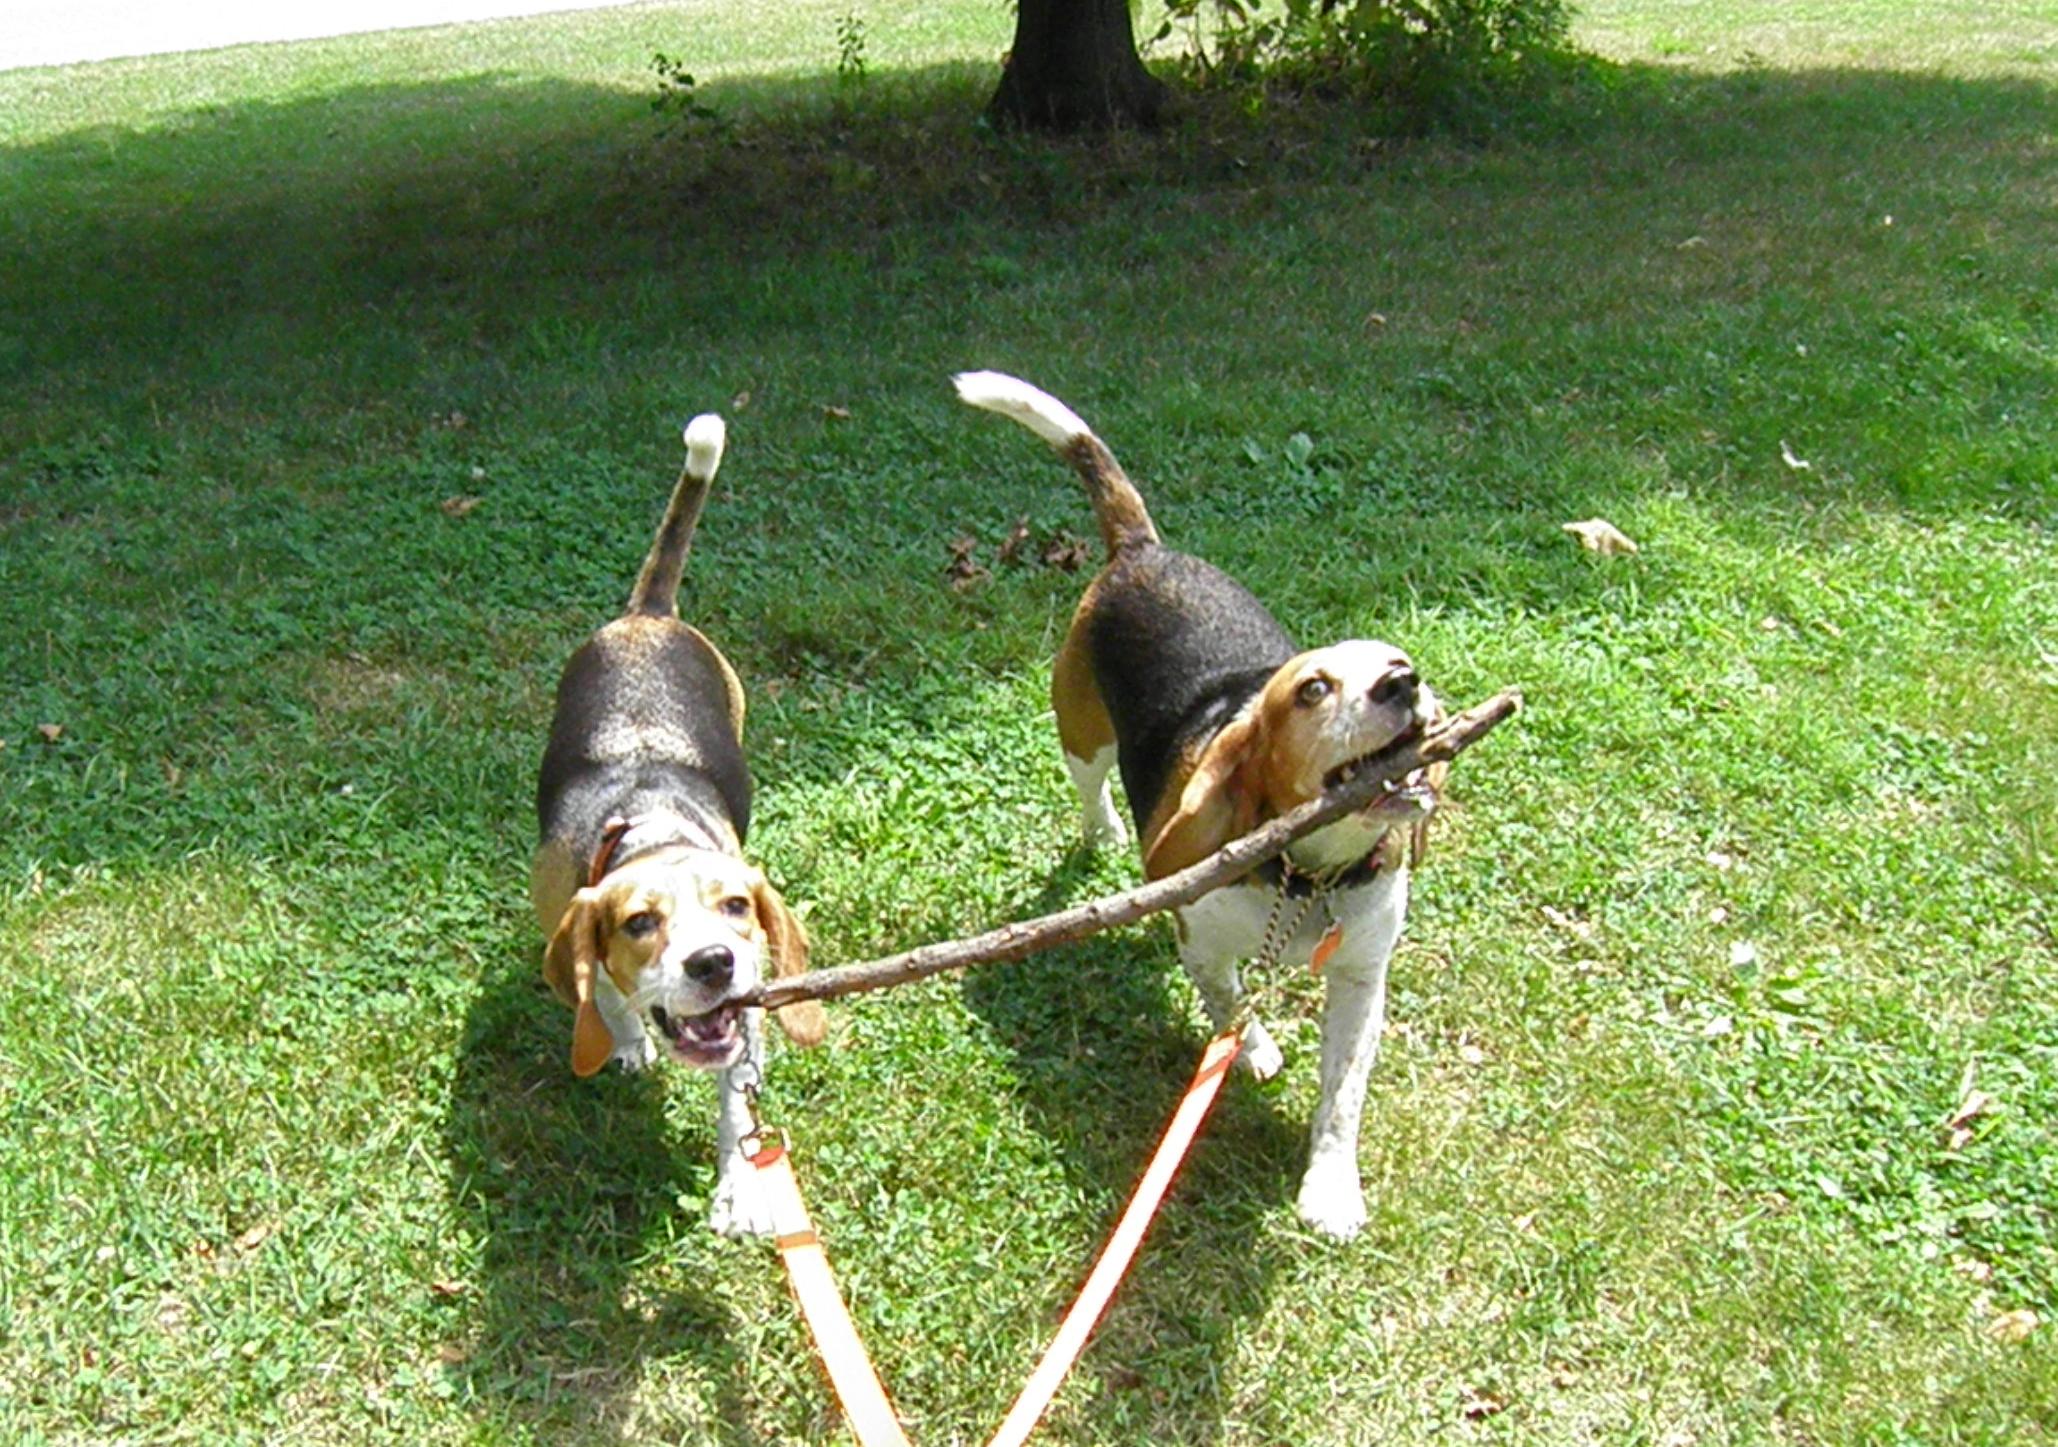 Most Inspiring Two Beagle Adorable Dog - STICKSHARE  Trends_611568  .jpg